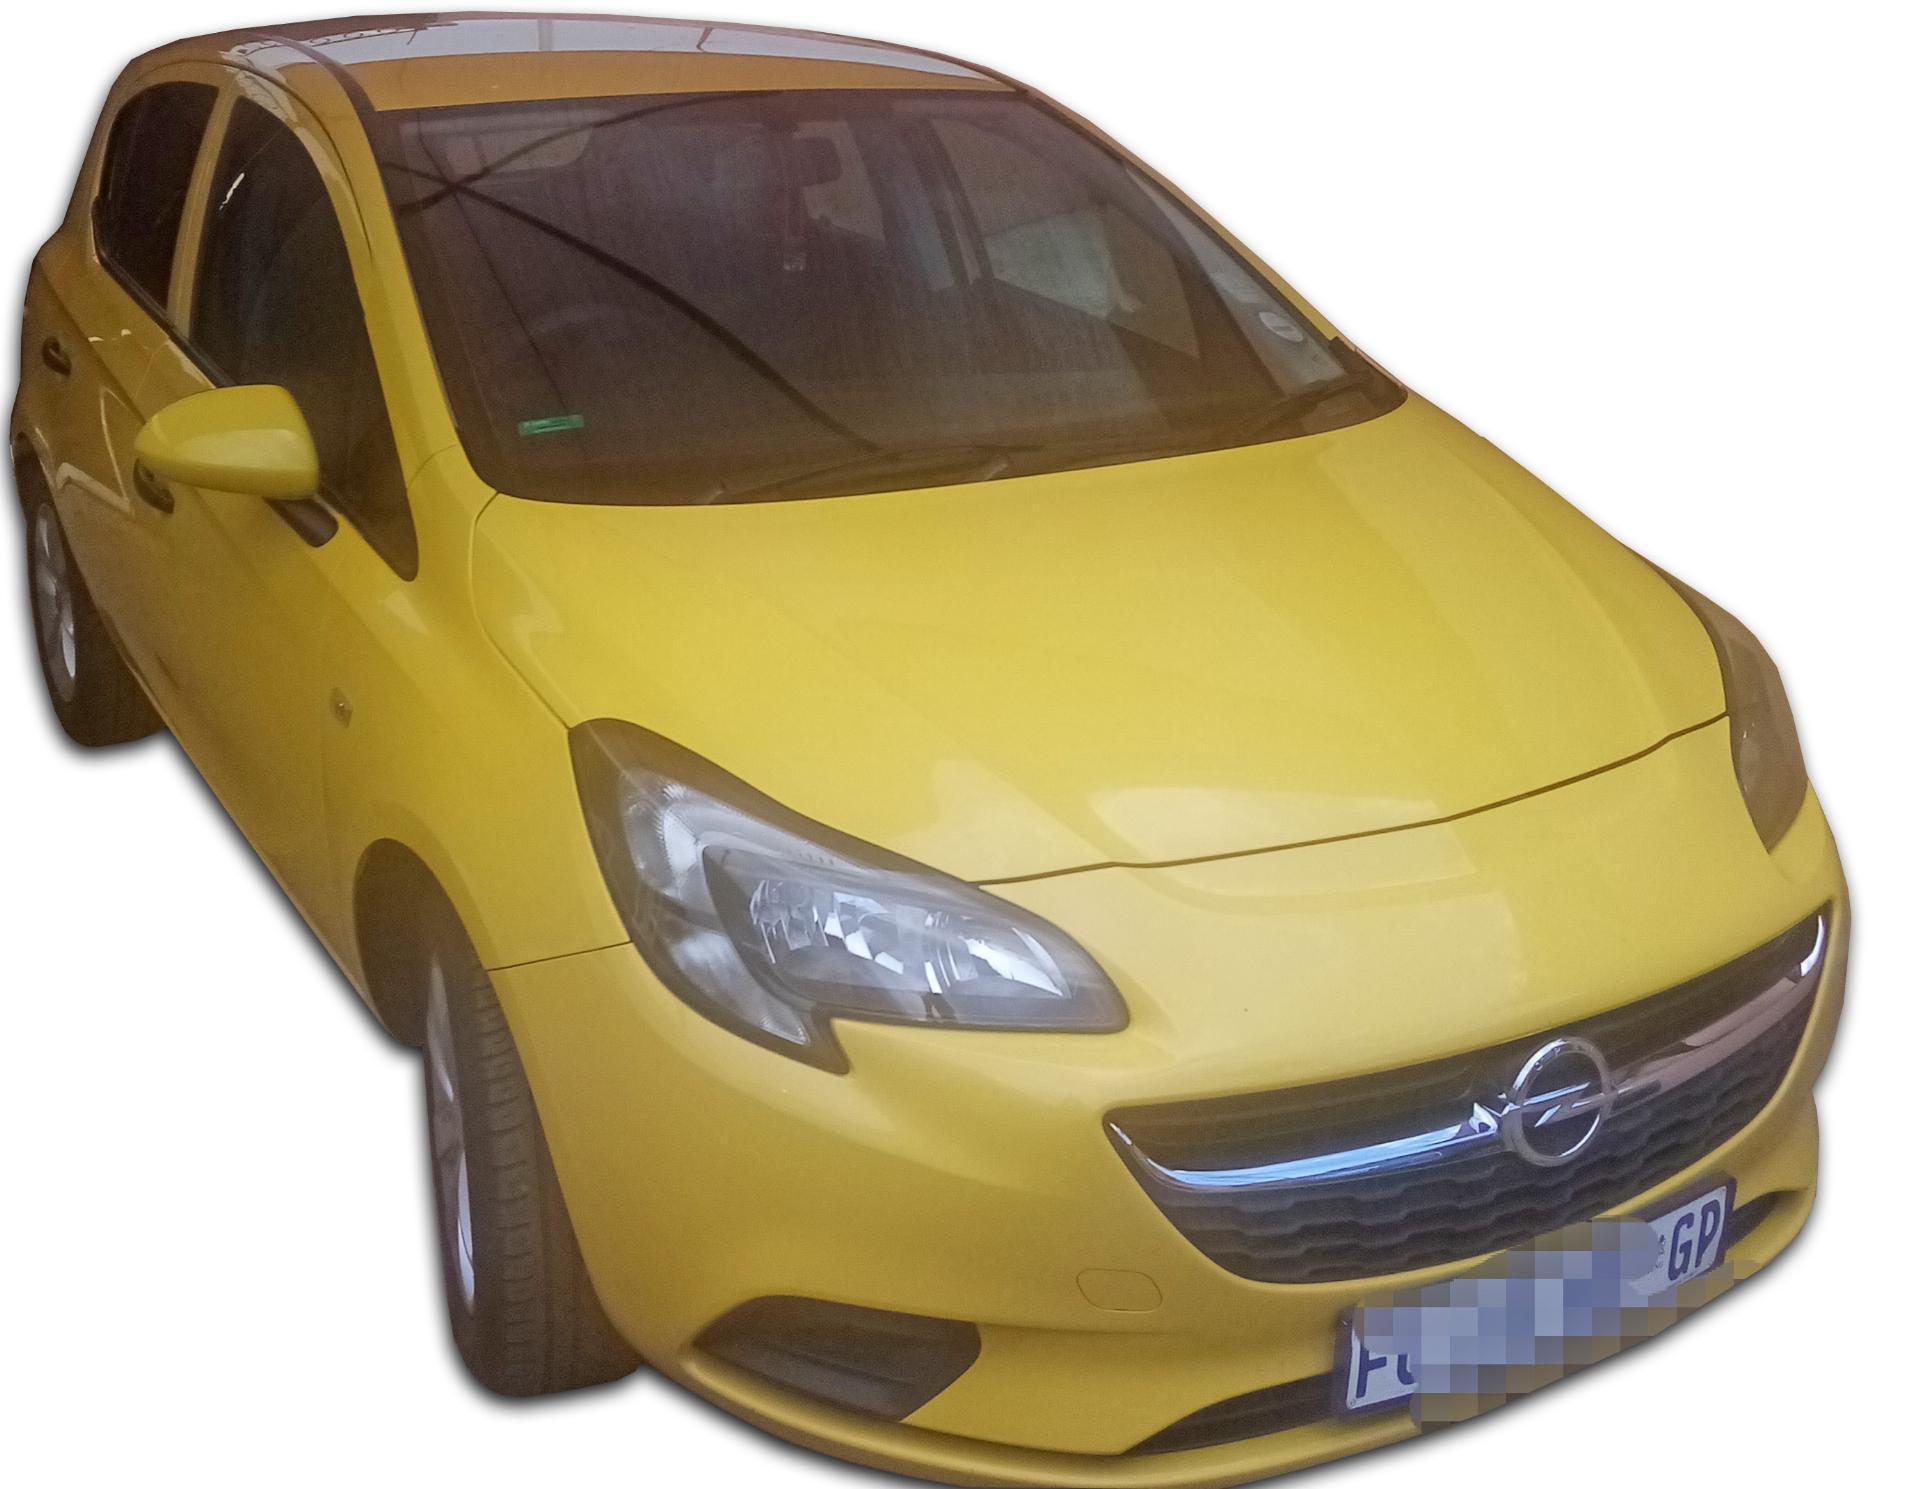 Opel Corsa ECO-FLEX 1.0 Litre